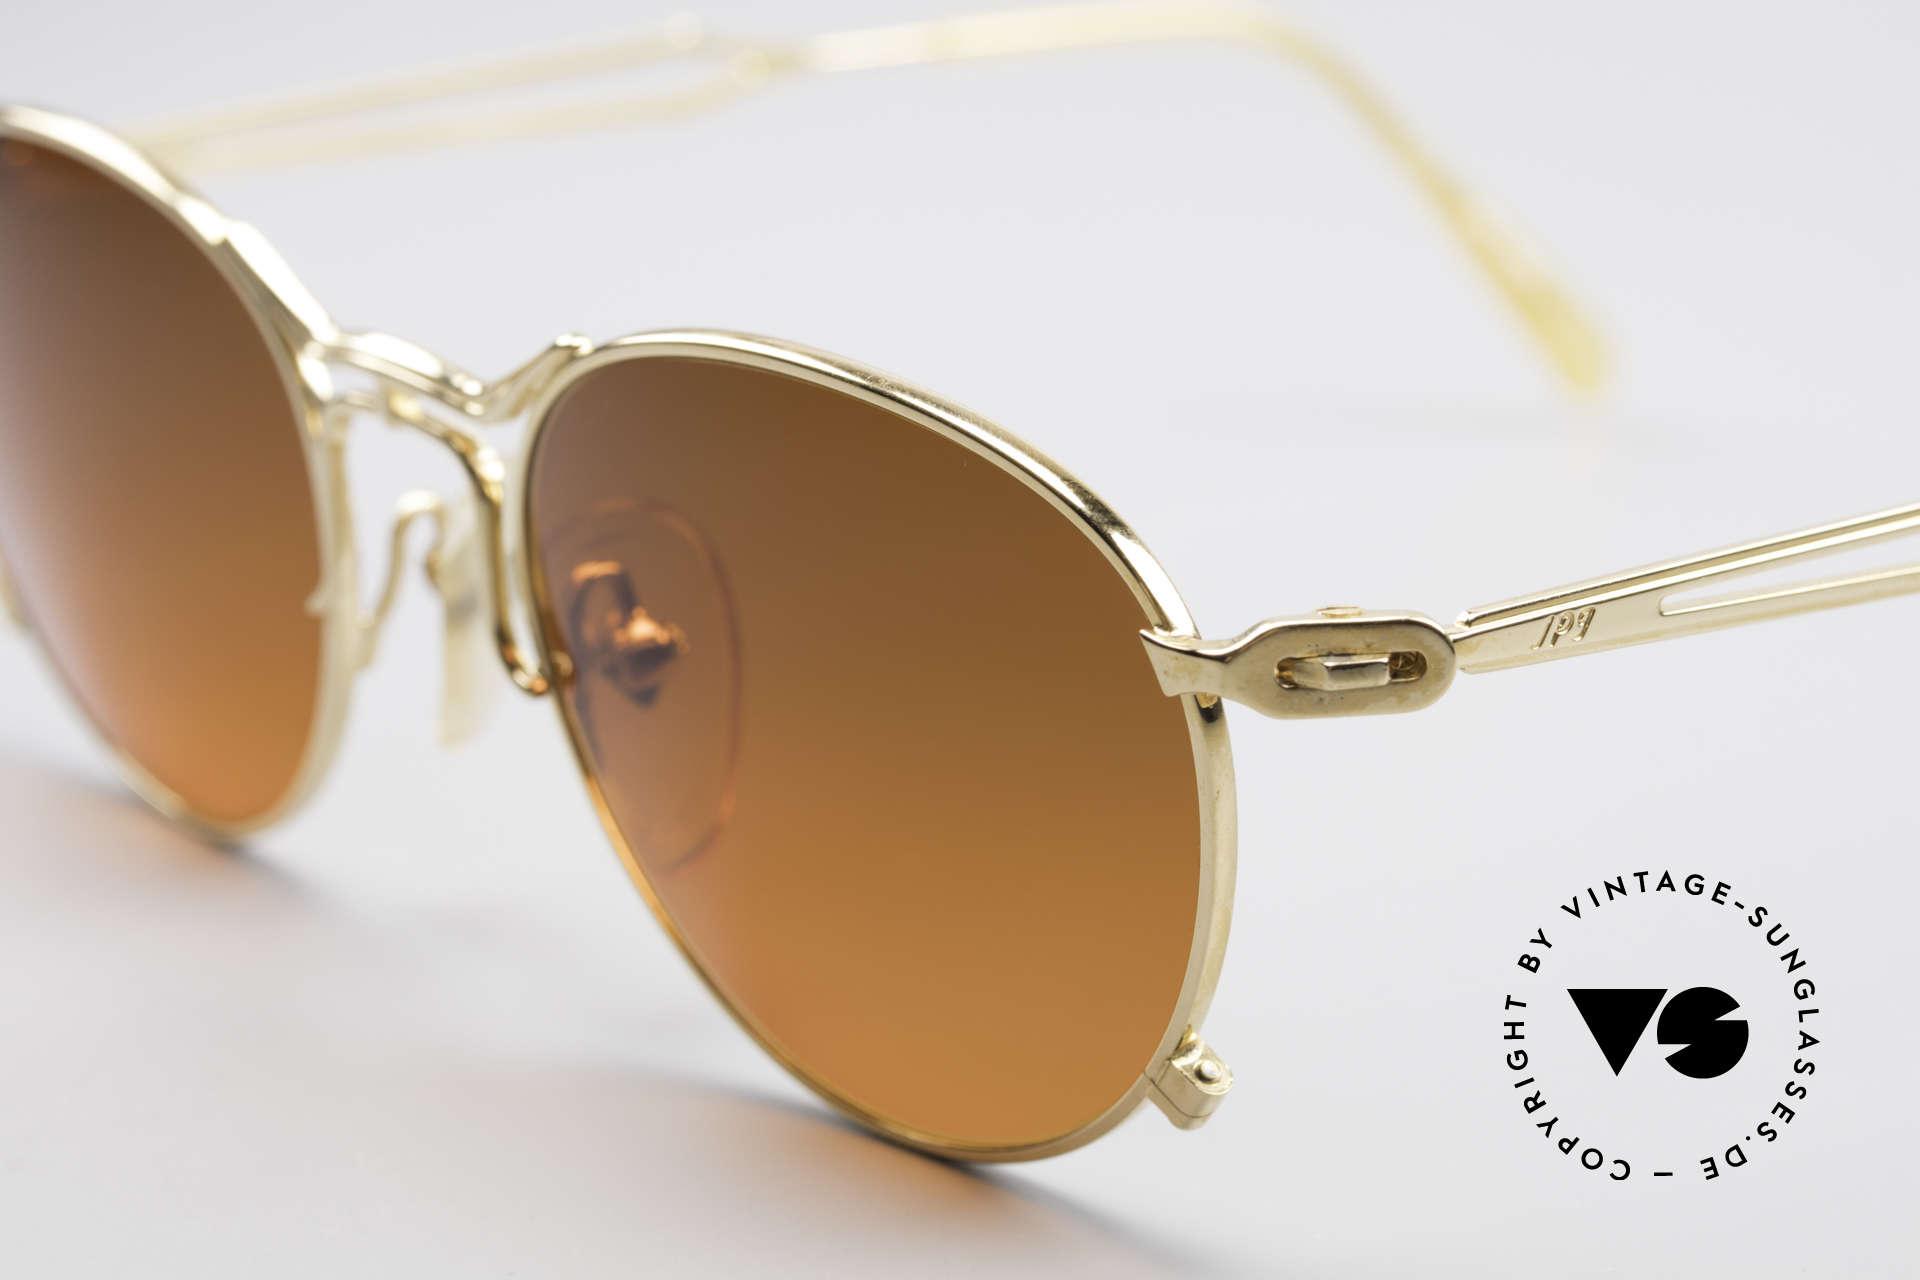 Jean Paul Gaultier 55-2177 Vergoldete Designer Fassung, absolute TOP-Qualität der Materialien & Verarbeitung, Passend für Herren und Damen